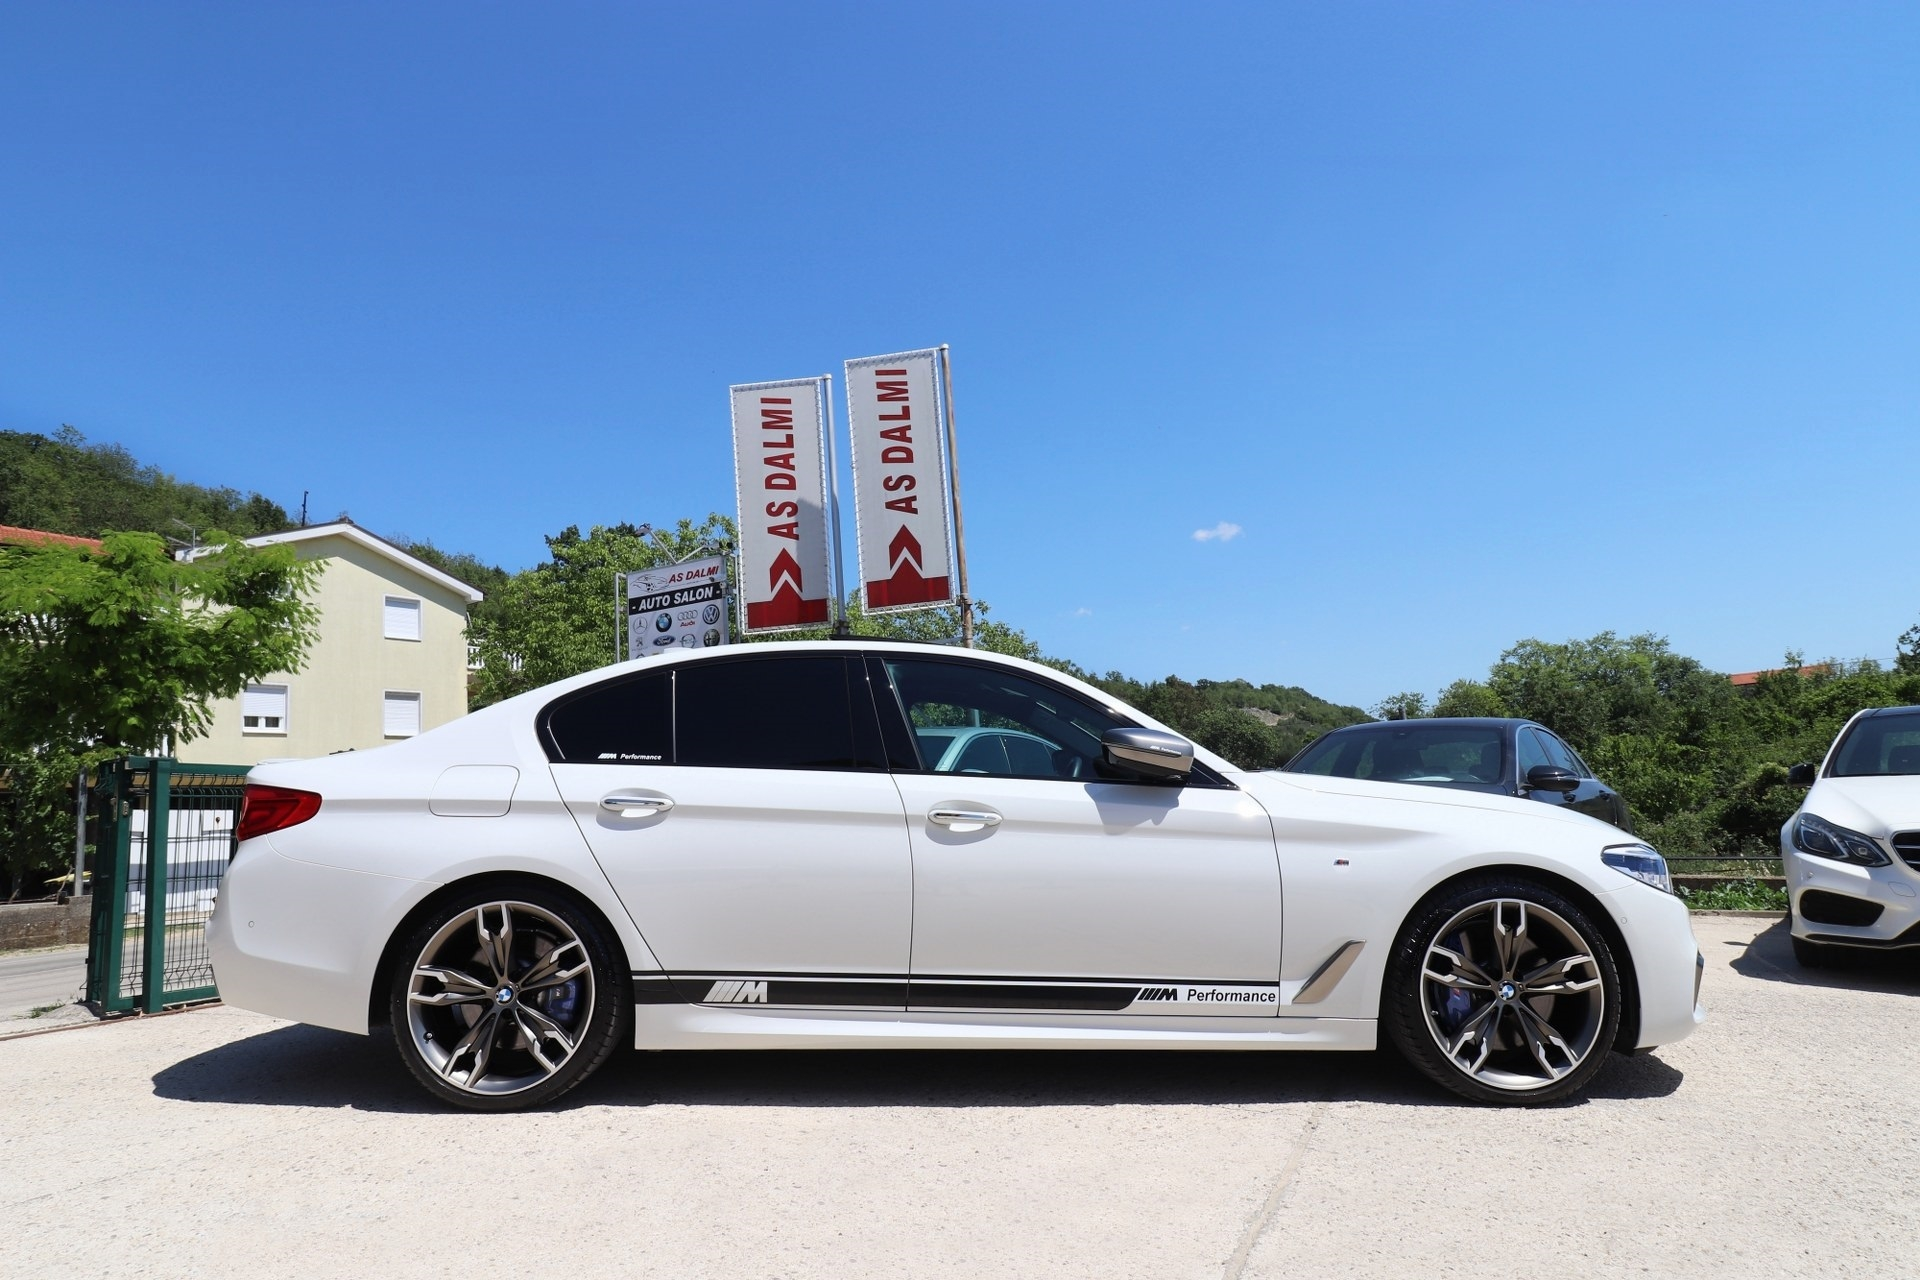 BMW M550 D G30 xDrive 4x4 QUADRI TURBO M-PERFORMANCE Motorsport Black Edition 400 KS Laser Licht ACC-System 3D View Kamera 360° -New Modell 2018- MAX-VOLL